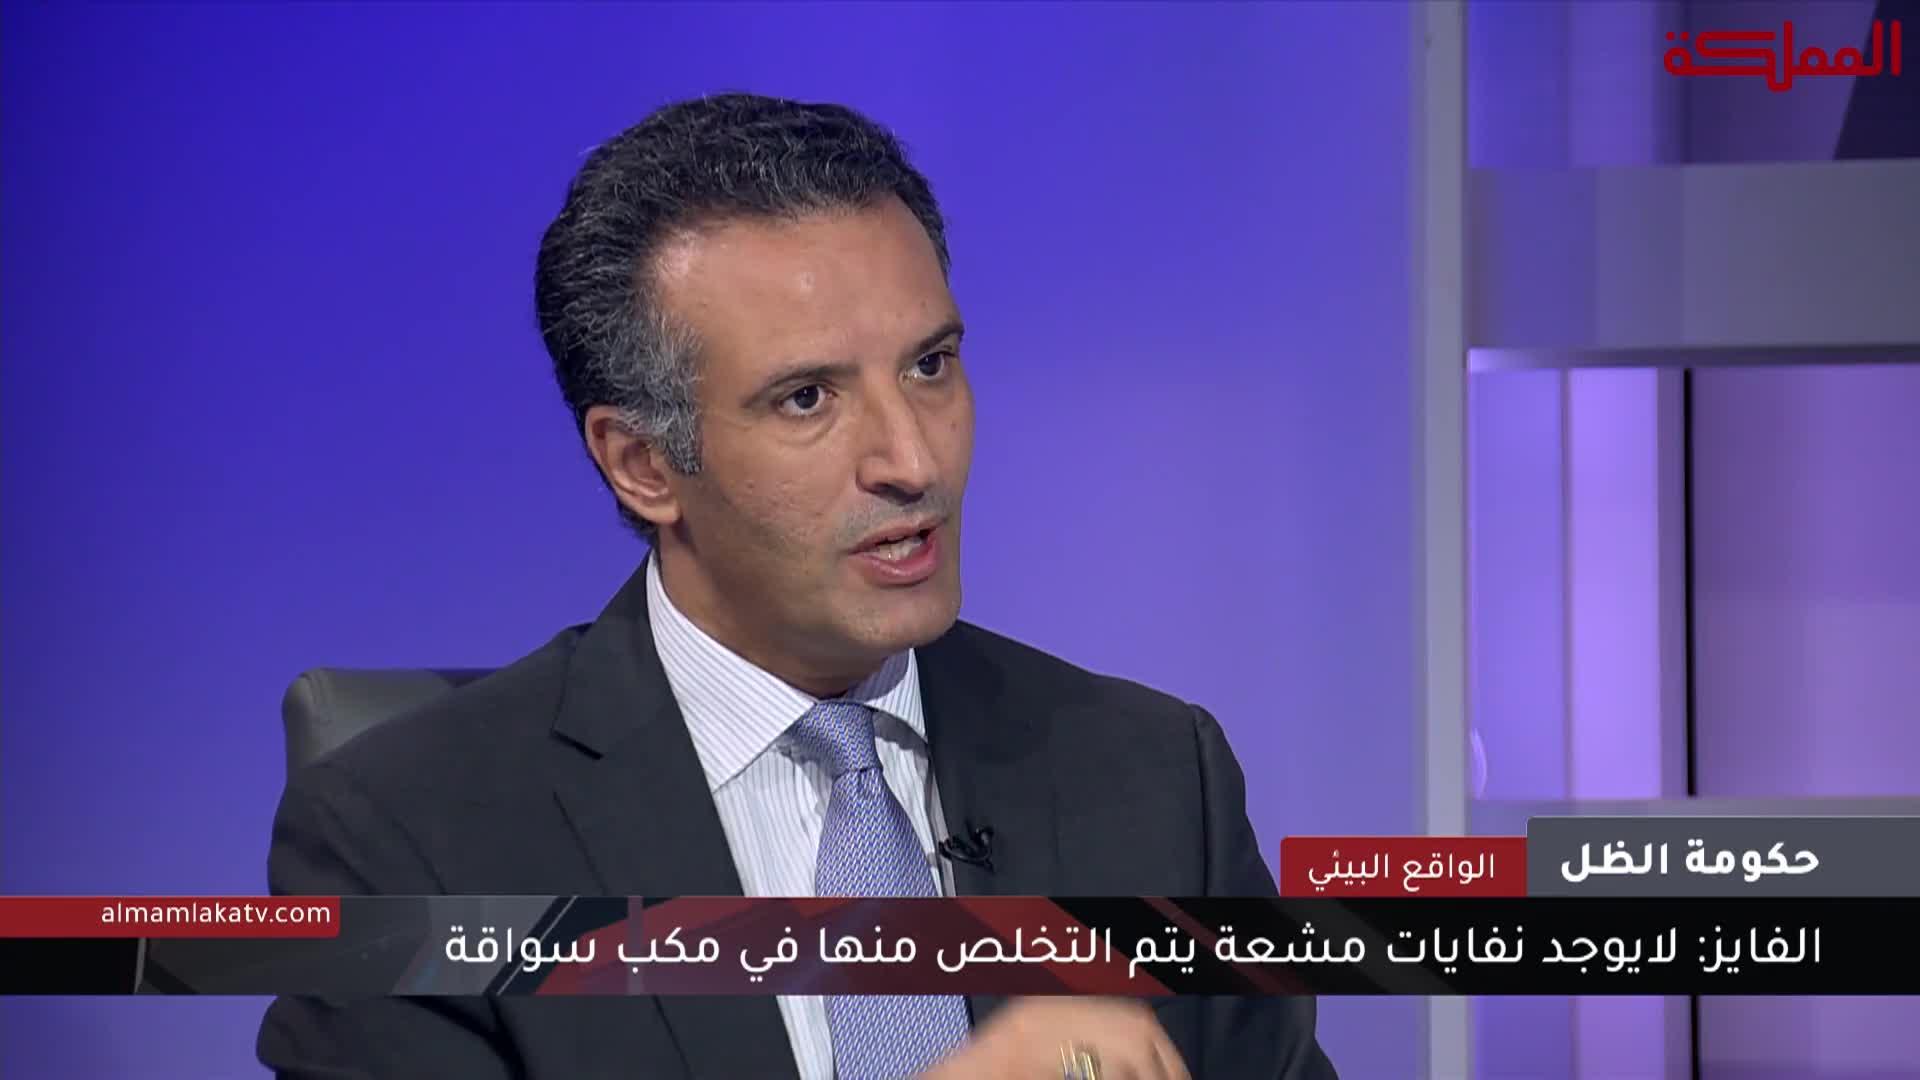 حكومة الظل | قانون البيئة وبعض القضايا البيئية في الأردن